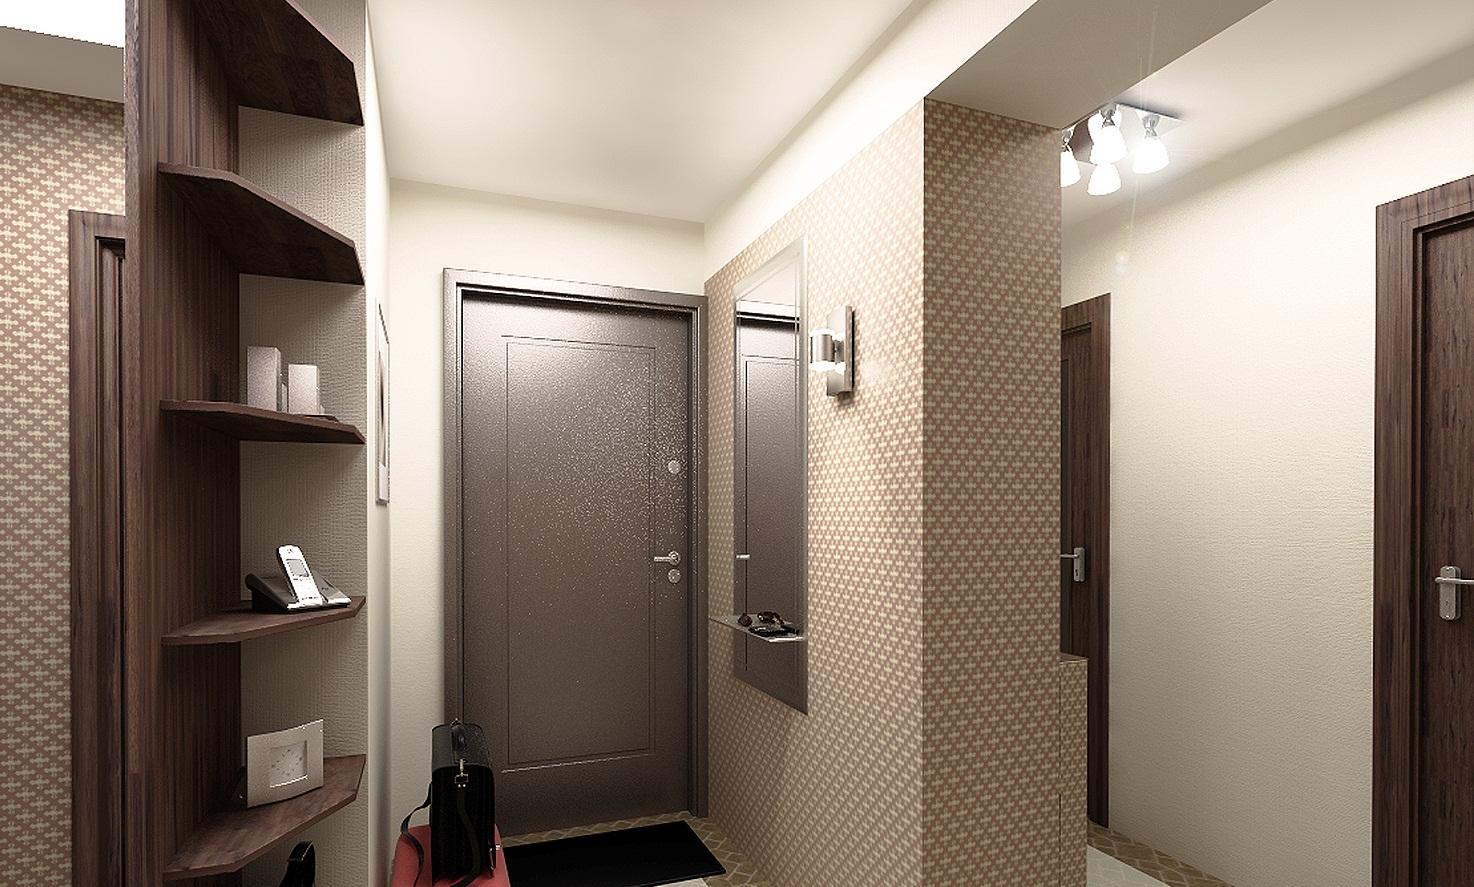 Обои для оформление коридора в квартире фото